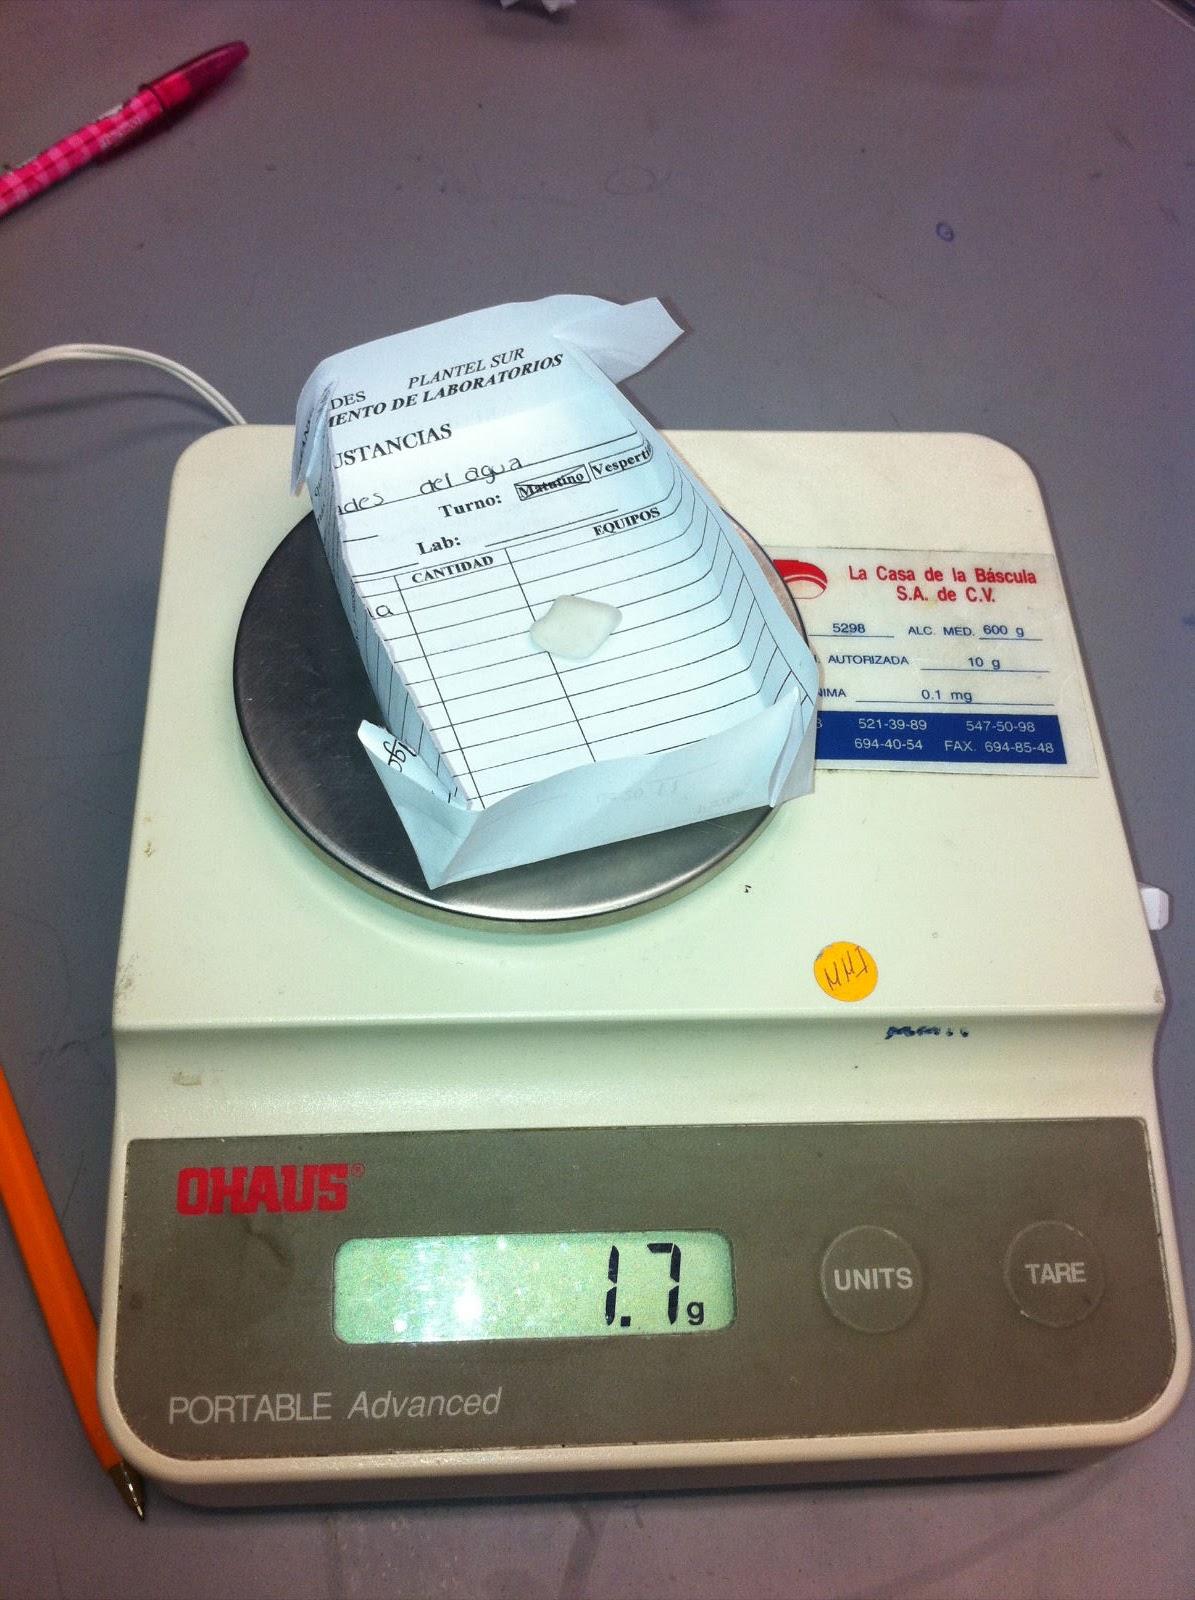 Quimica 1 m p v semana 2 for Marmol formula quimica